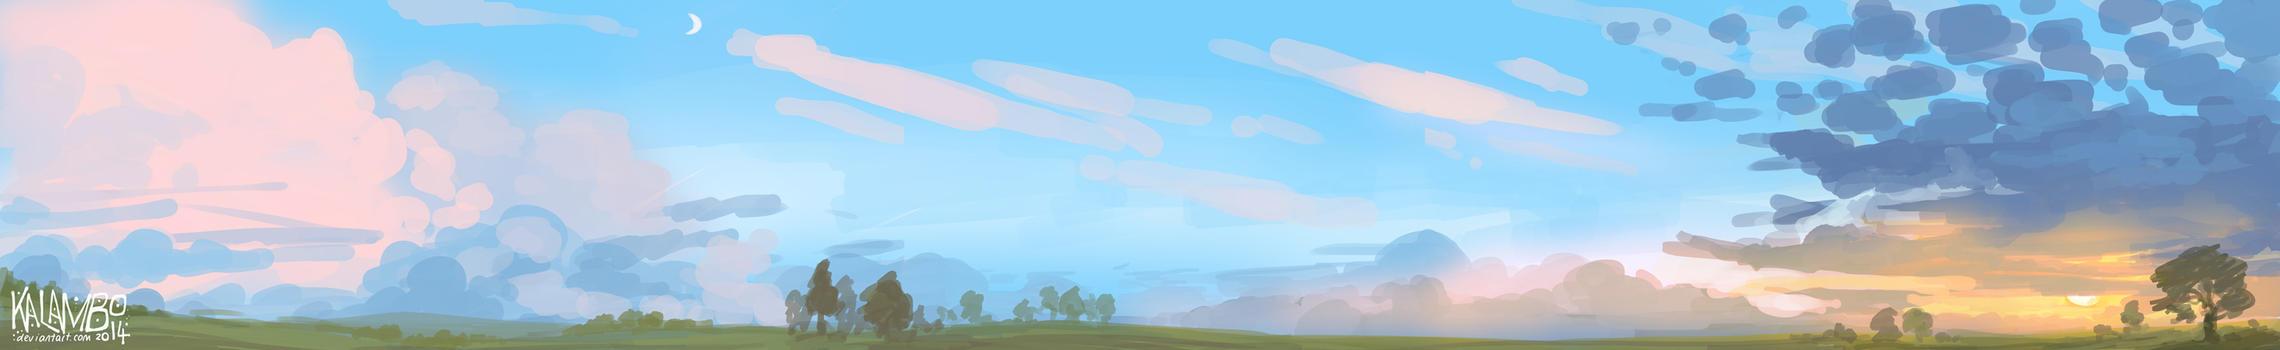 Sunset panorama by kalambo